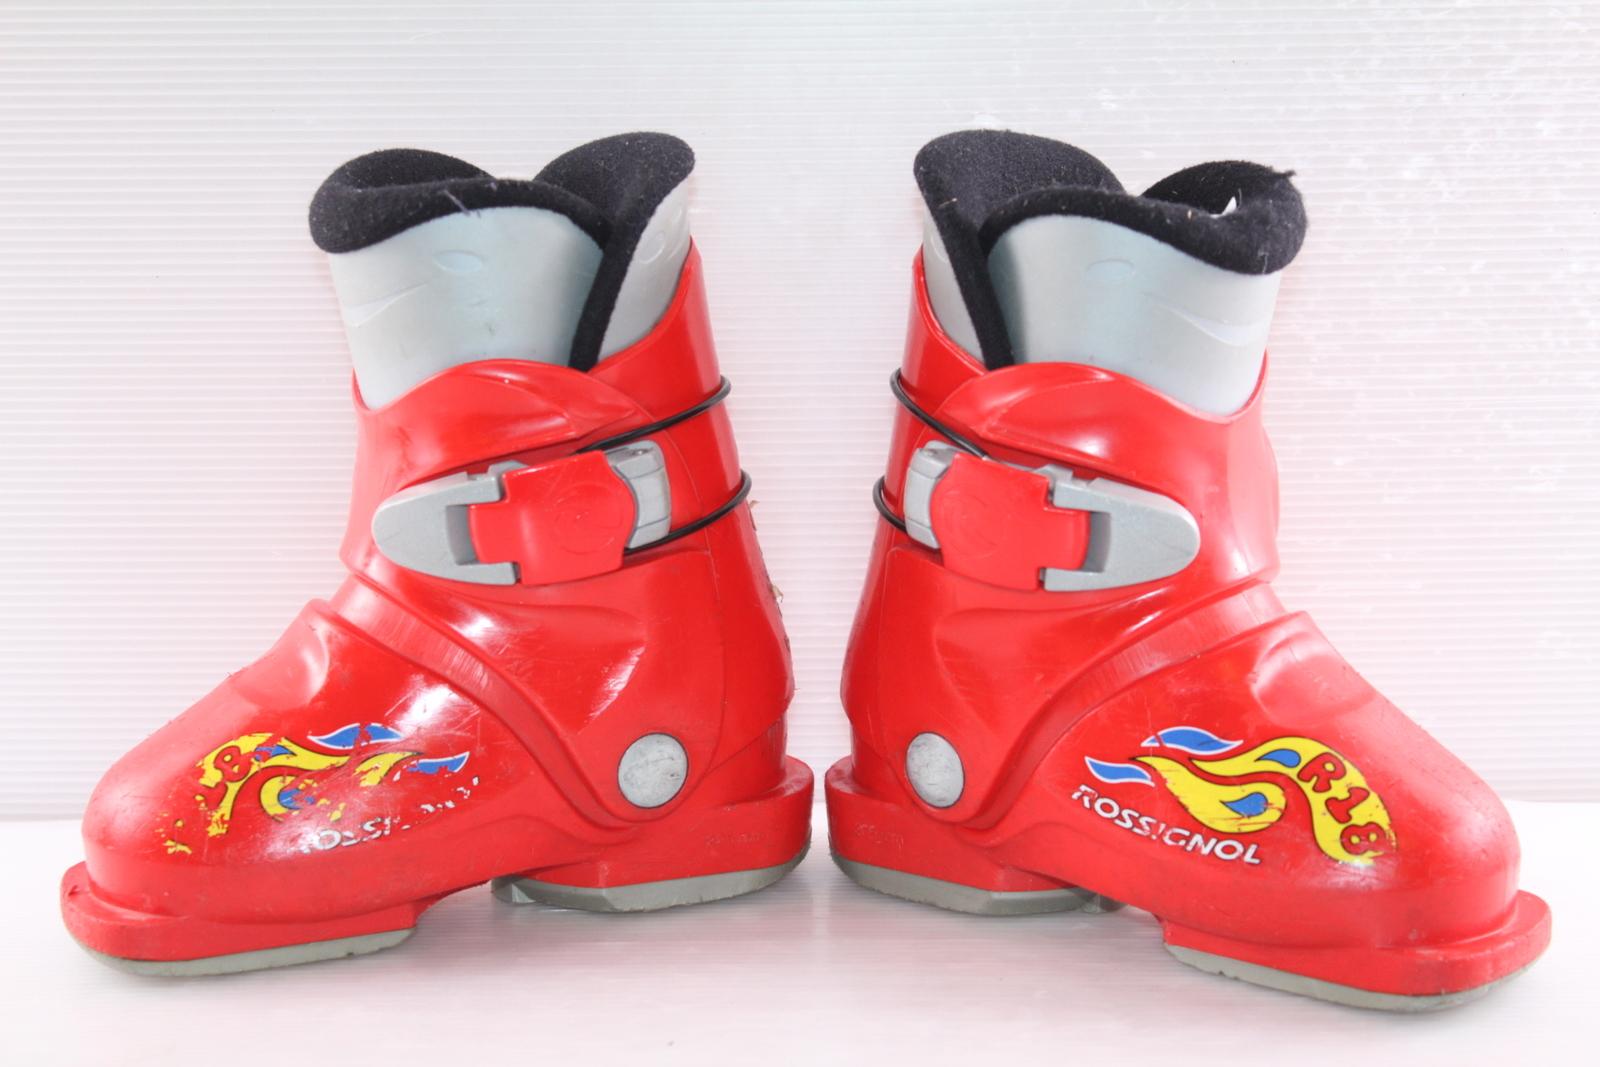 Dětské lyžáky Rossignol R18 vel. EU26.5